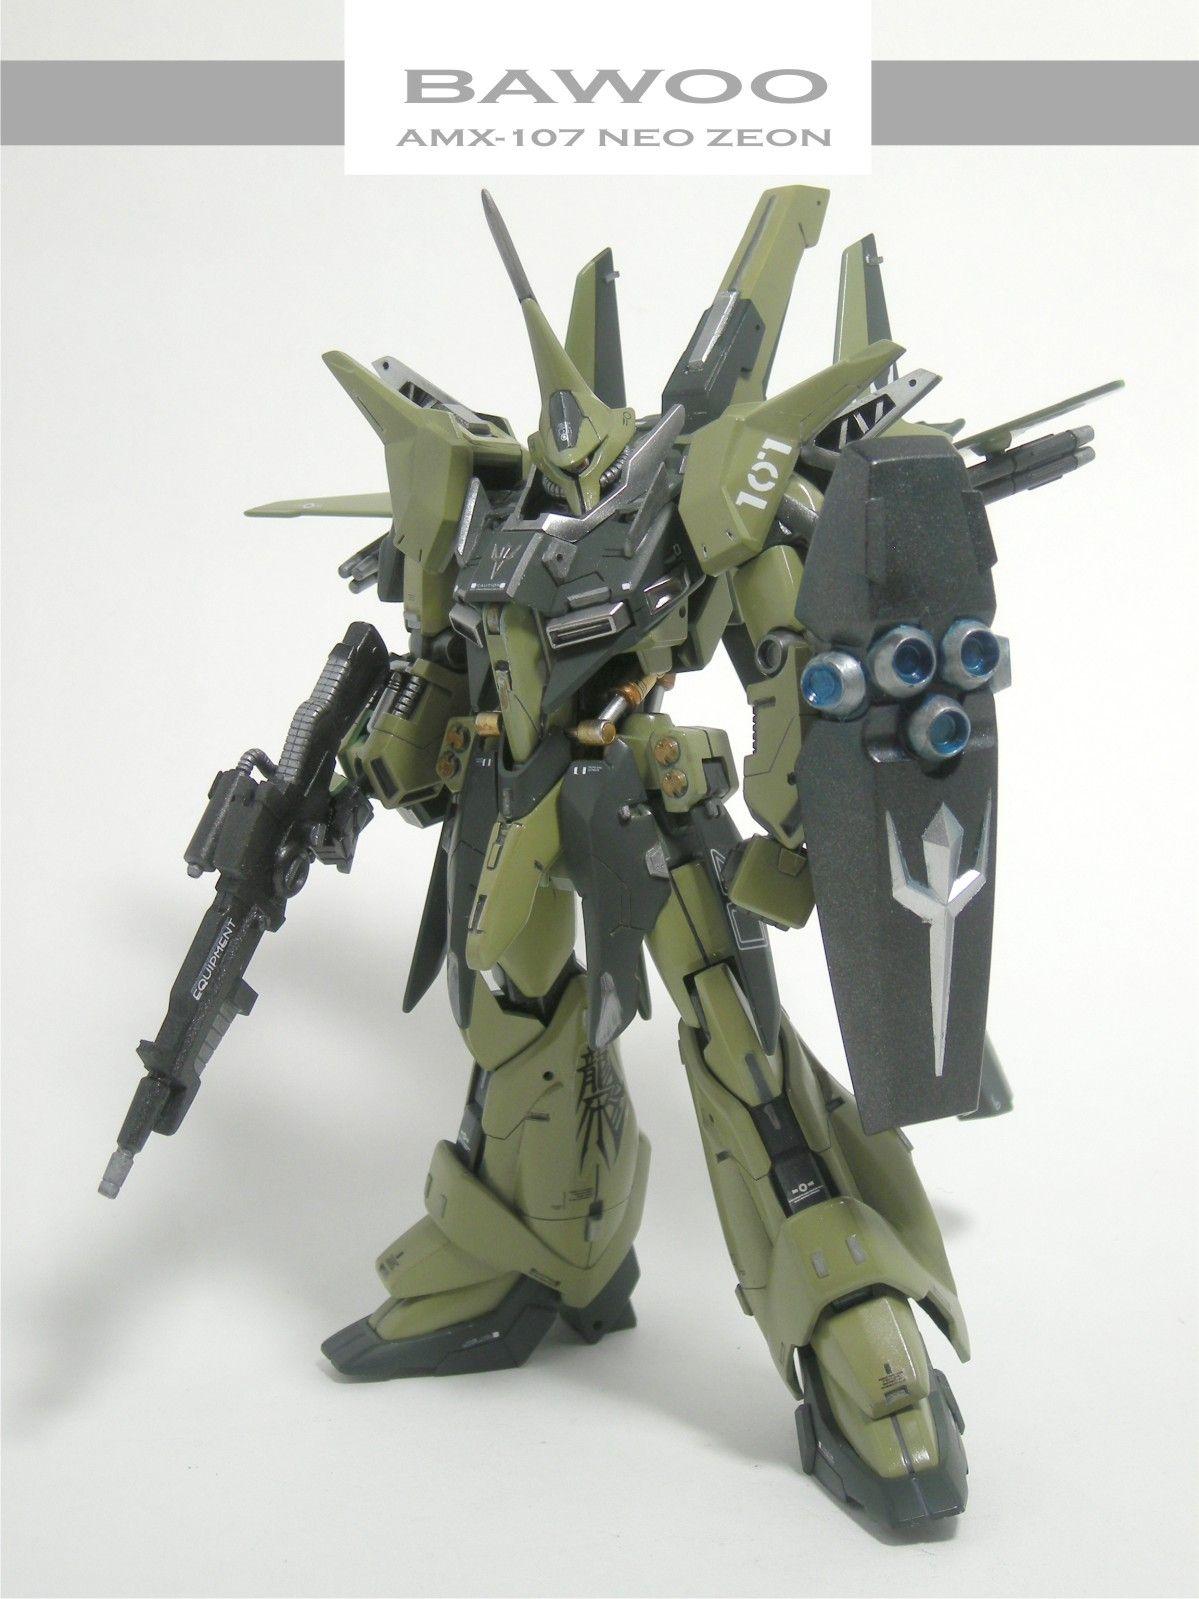 AMX-107 Bawoo